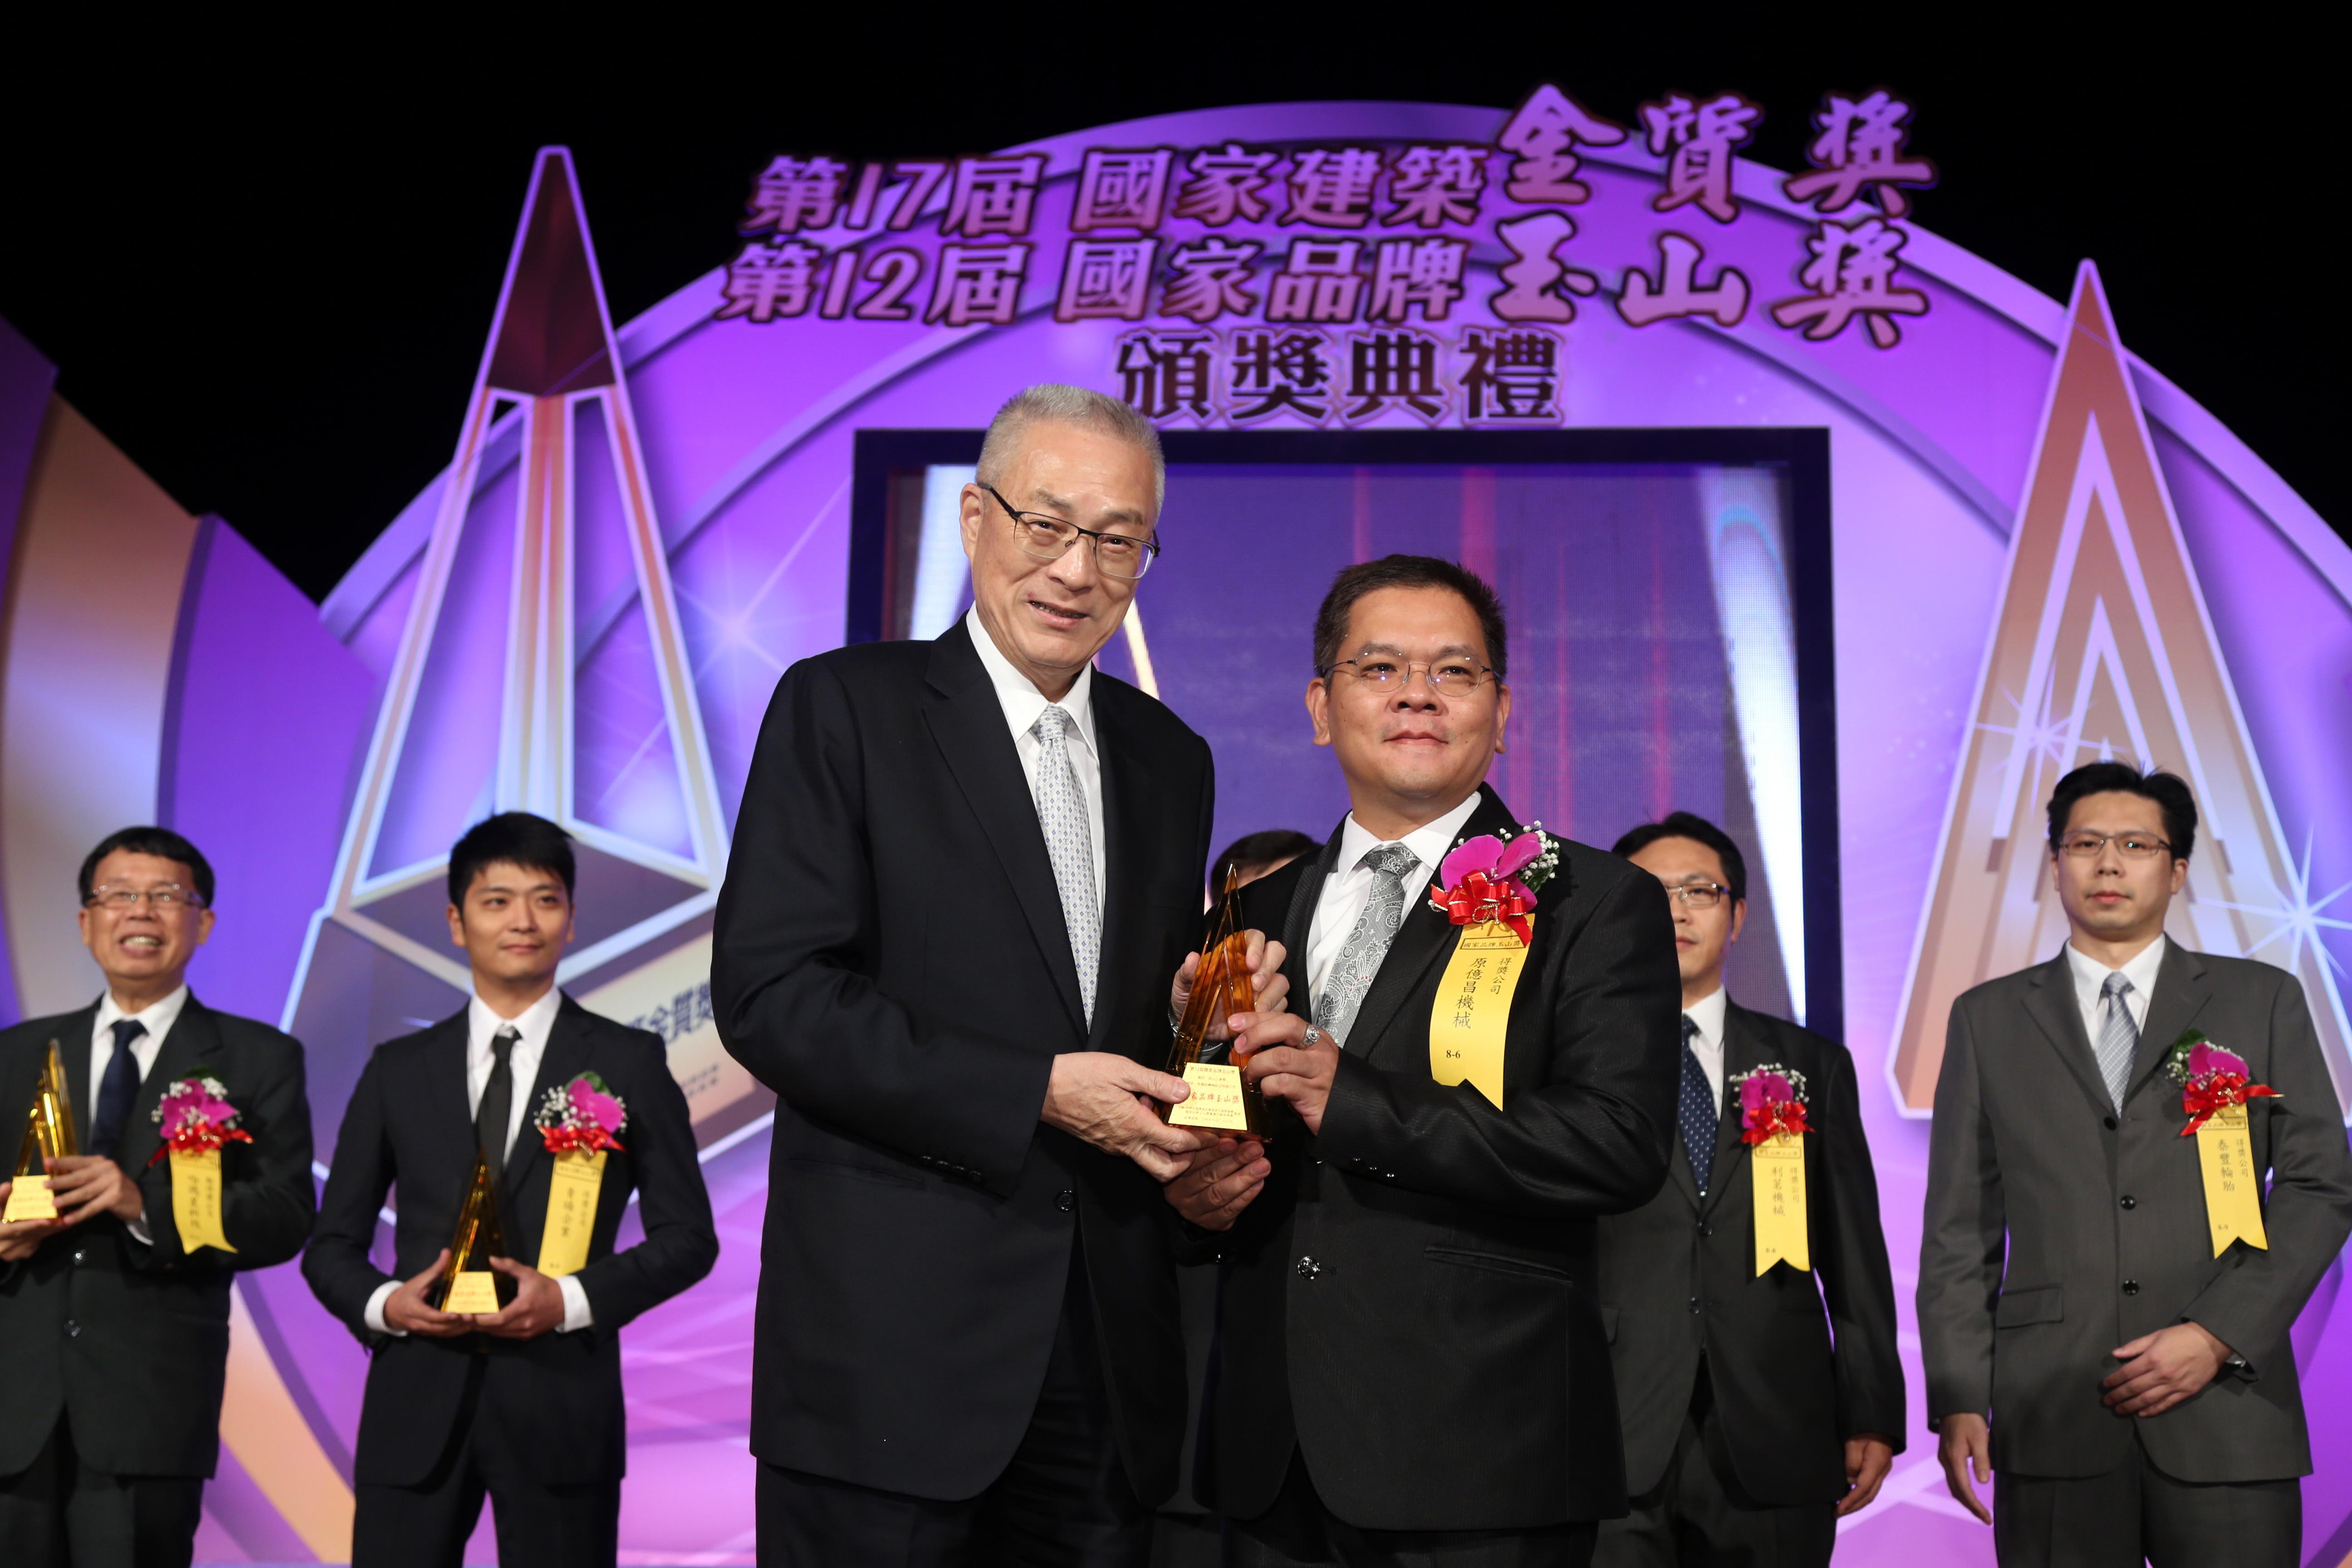 2015/10/28 原億昌機械 榮獲第十二屆 國家品牌玉山獎 傑出企業類